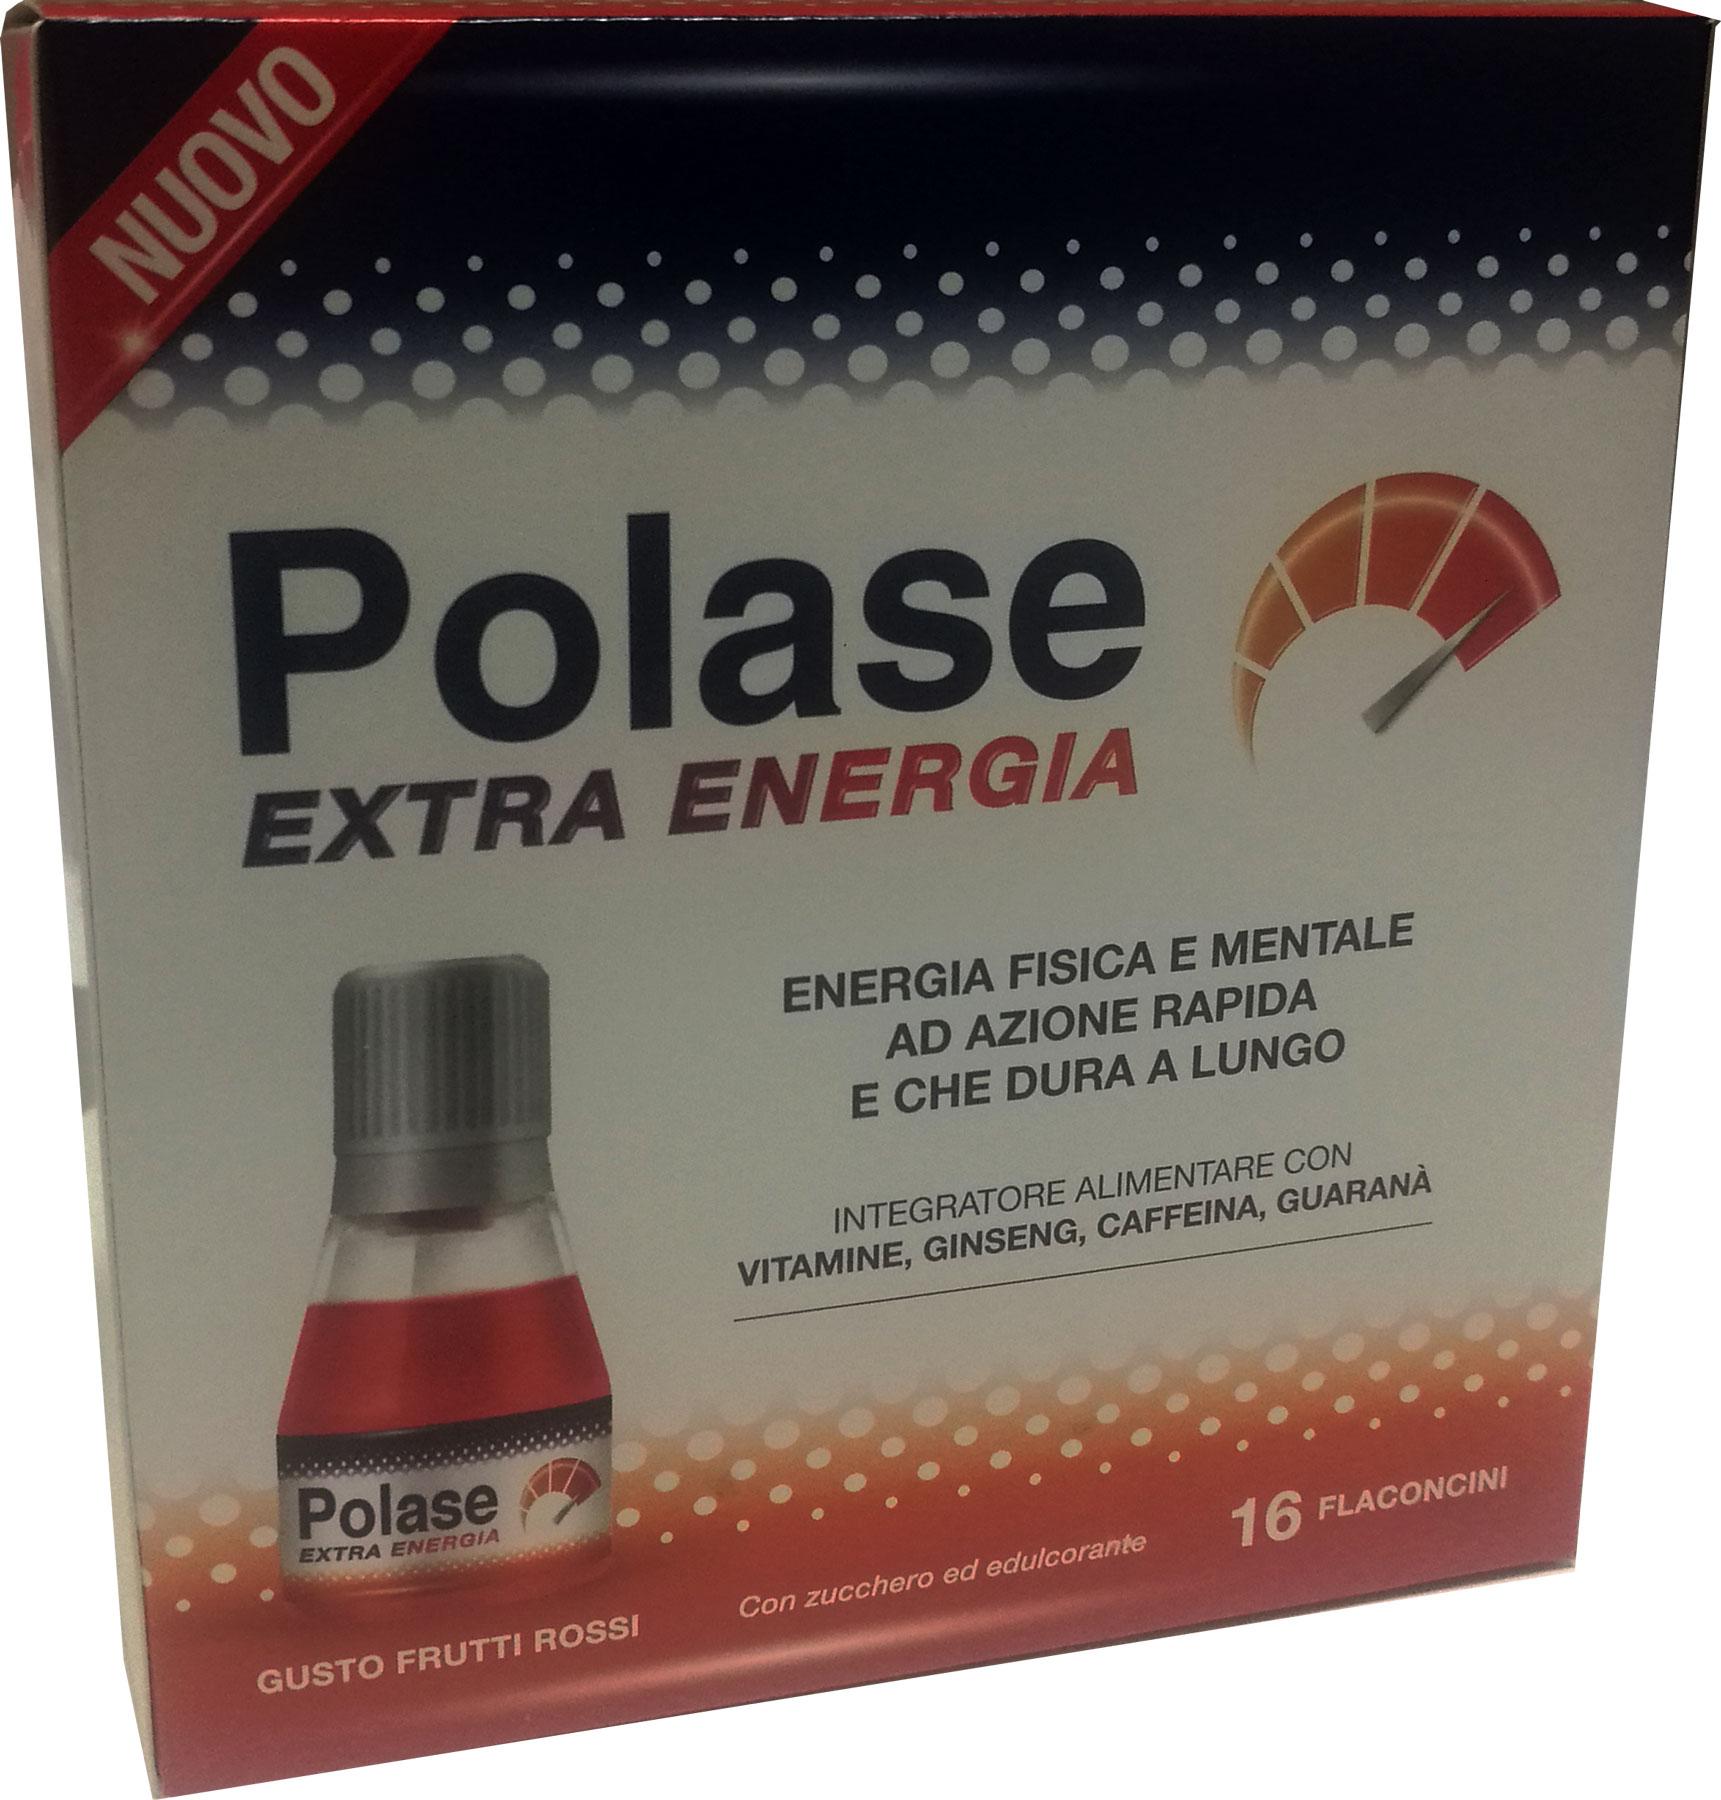 POLASE EXTRA ENERGIA 16 FLACONCINI - Farmacia Centrale Dr. Monteleone Adriano